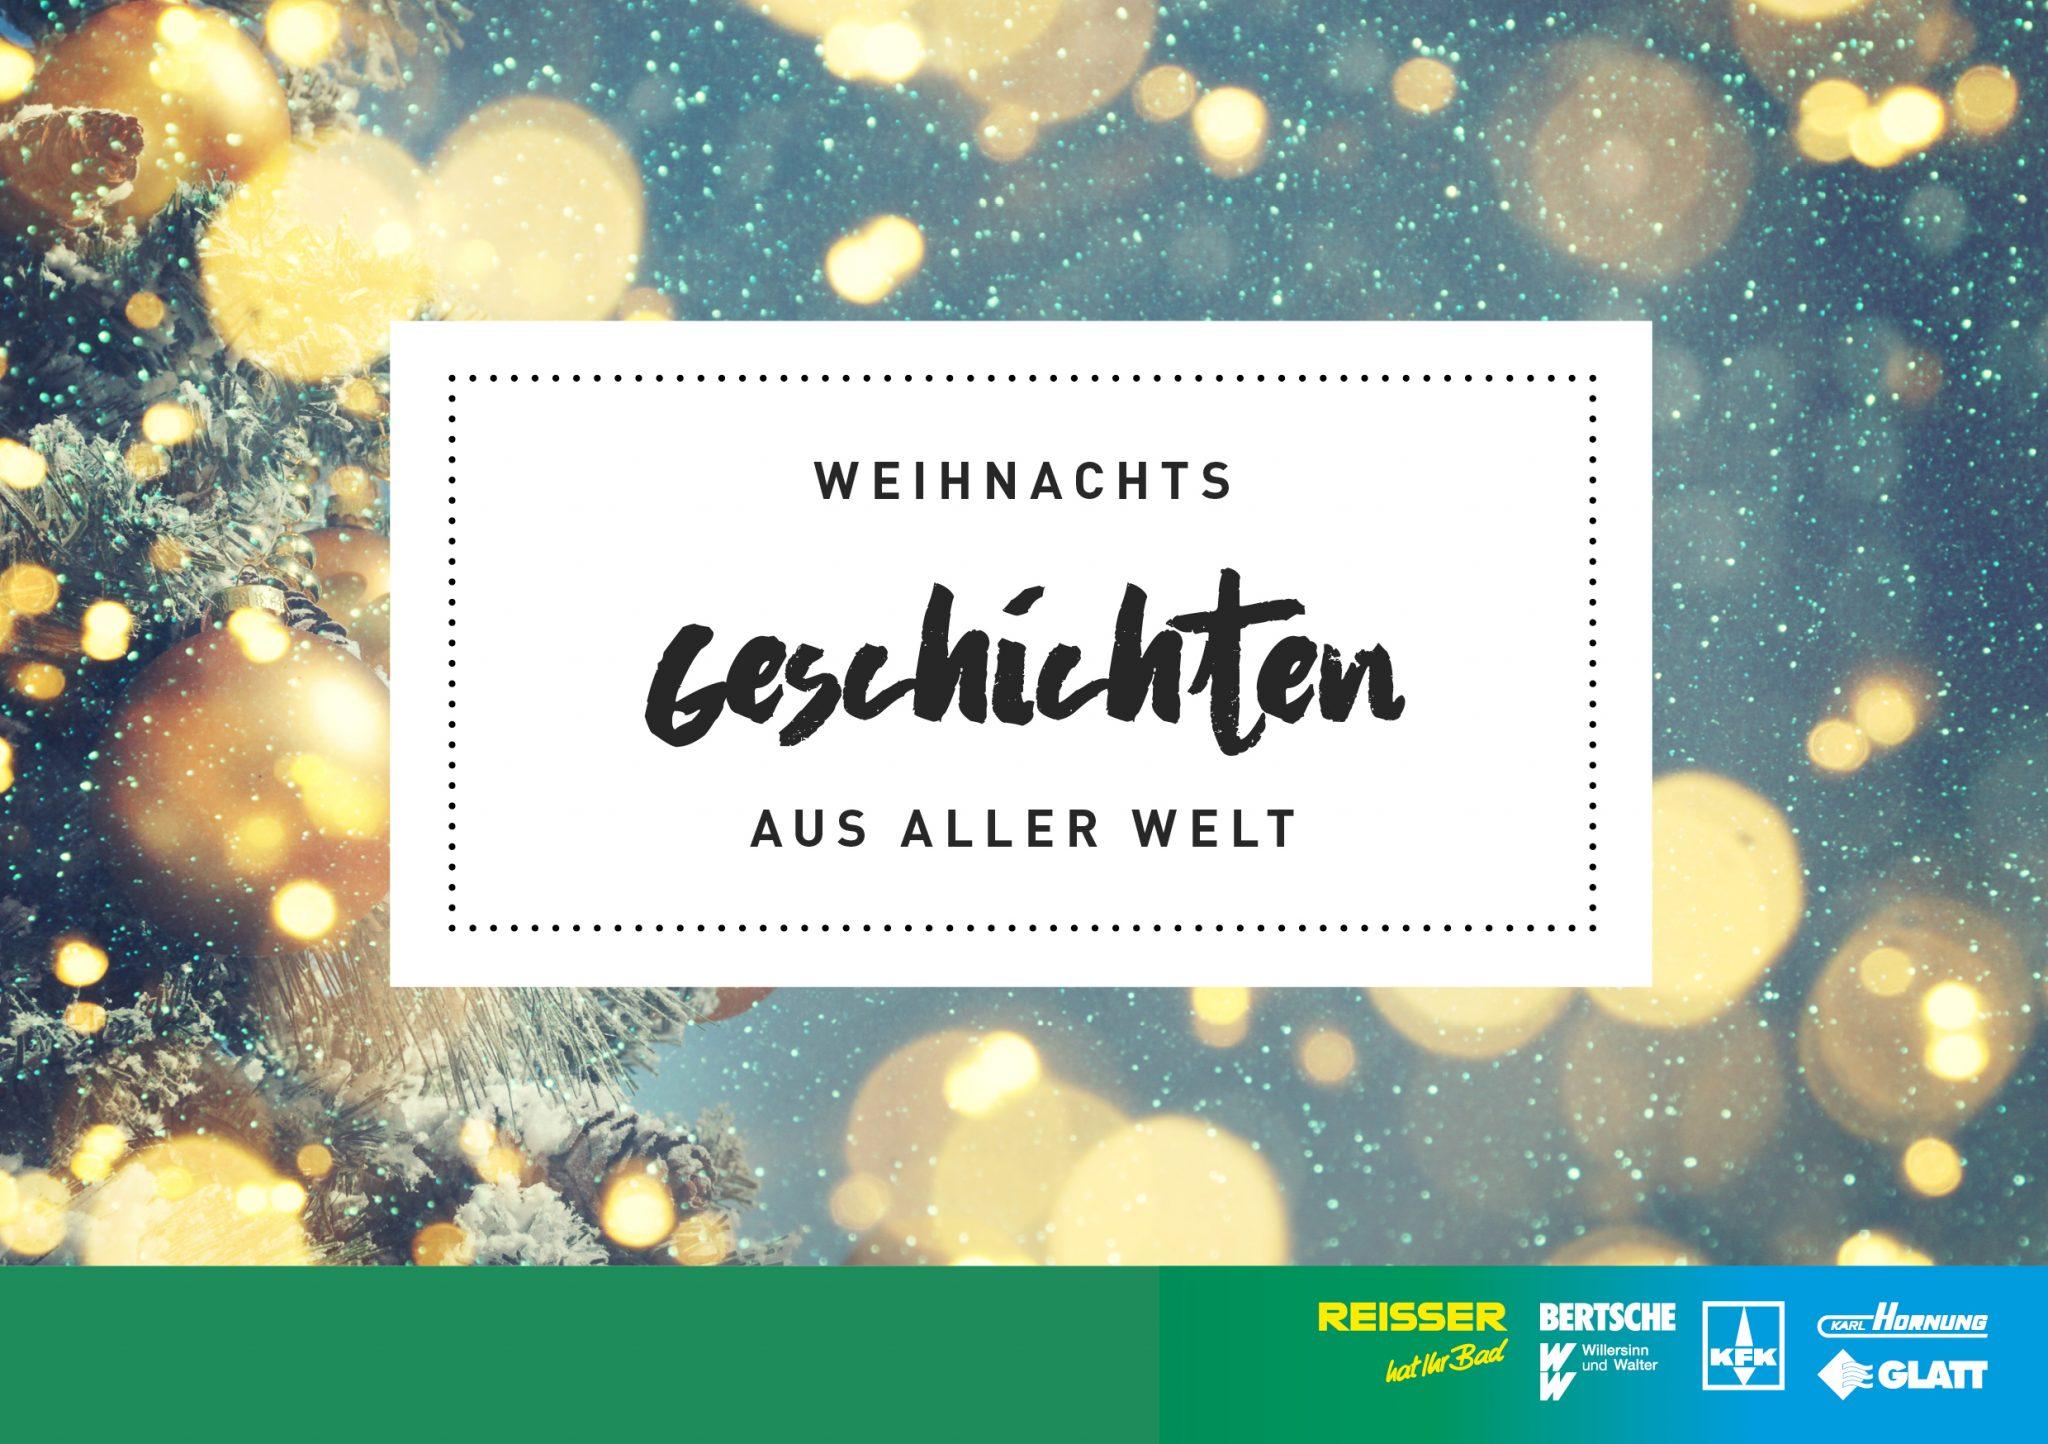 Weihnachts-Booklet